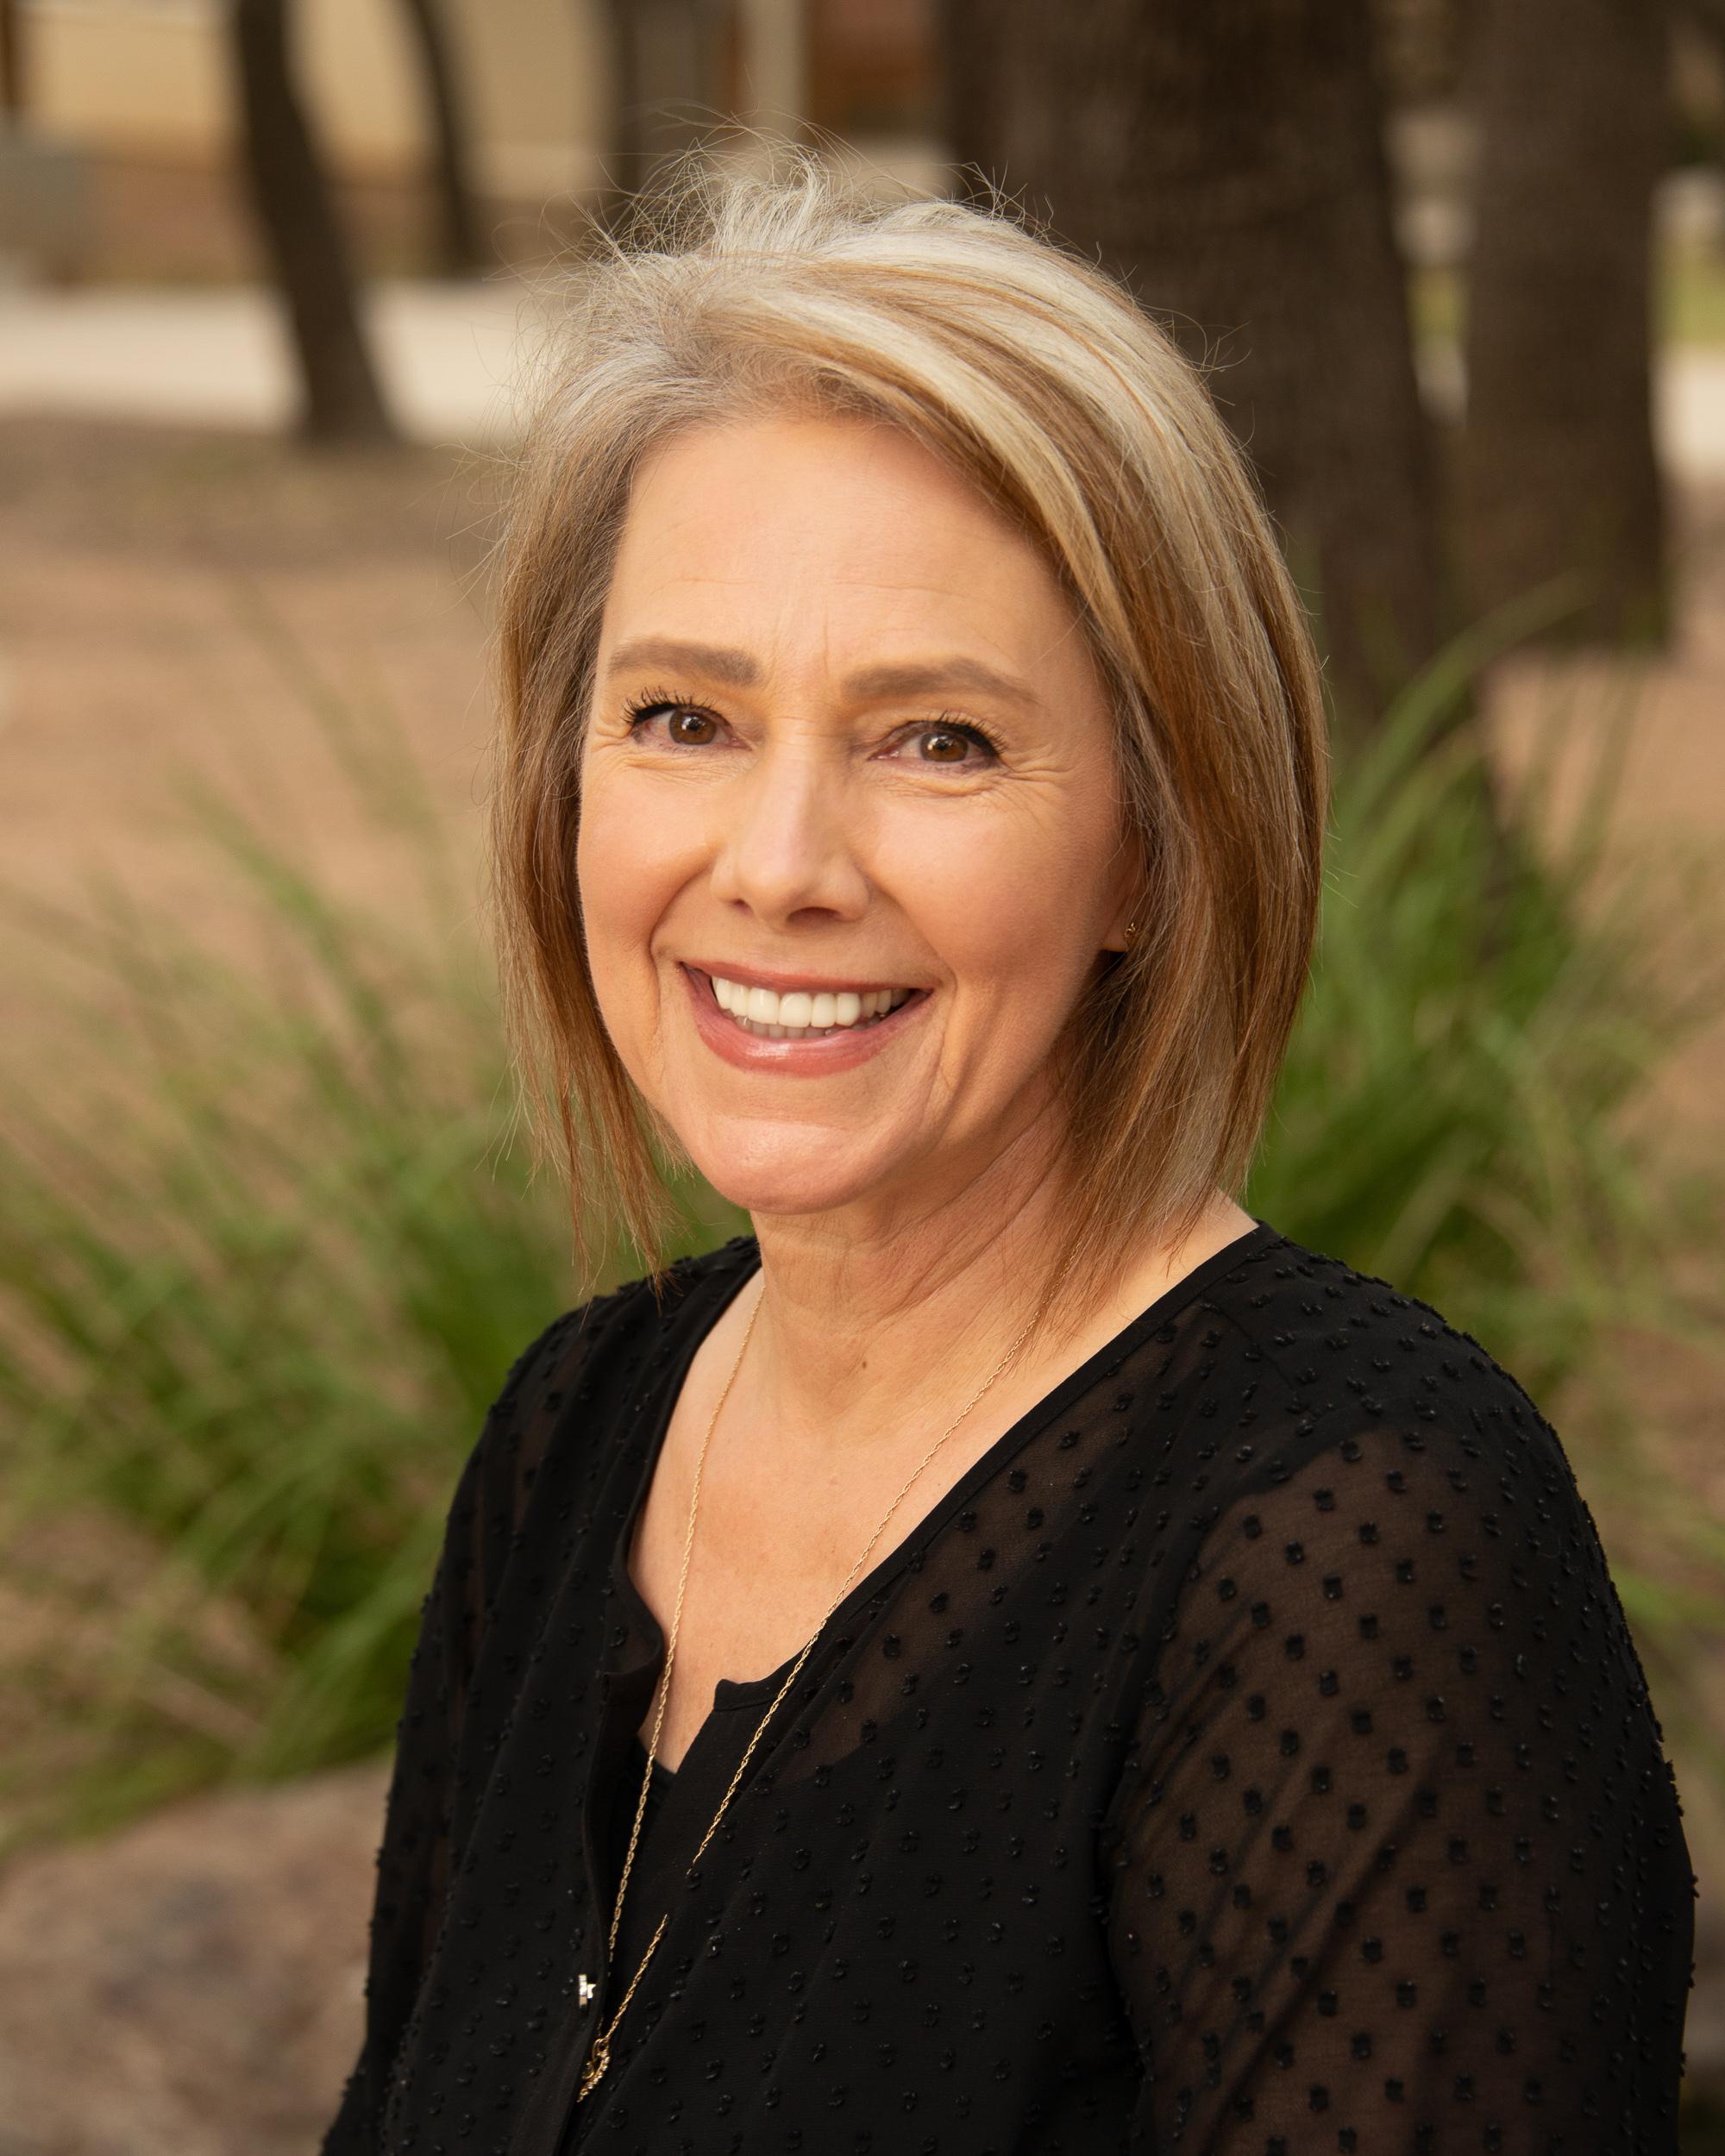 Carol Ballard